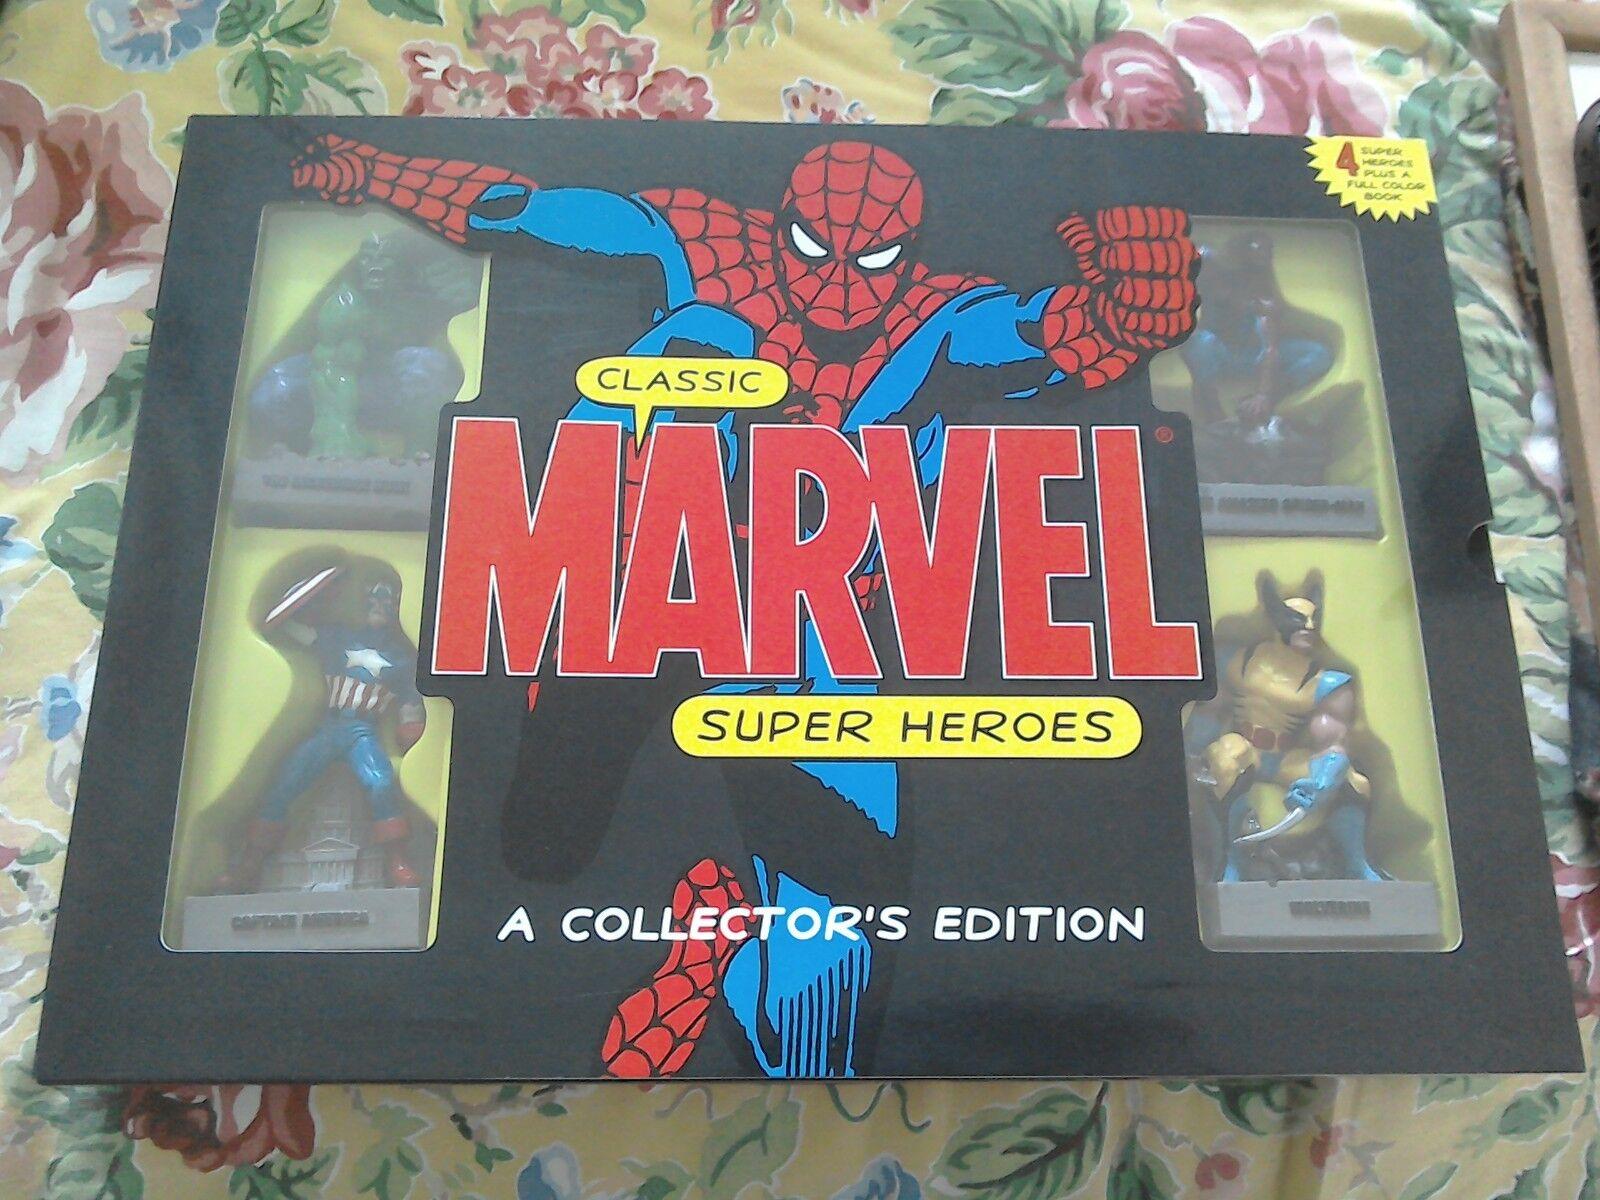 Klassische marvel - superhelden modell - collector 's edition